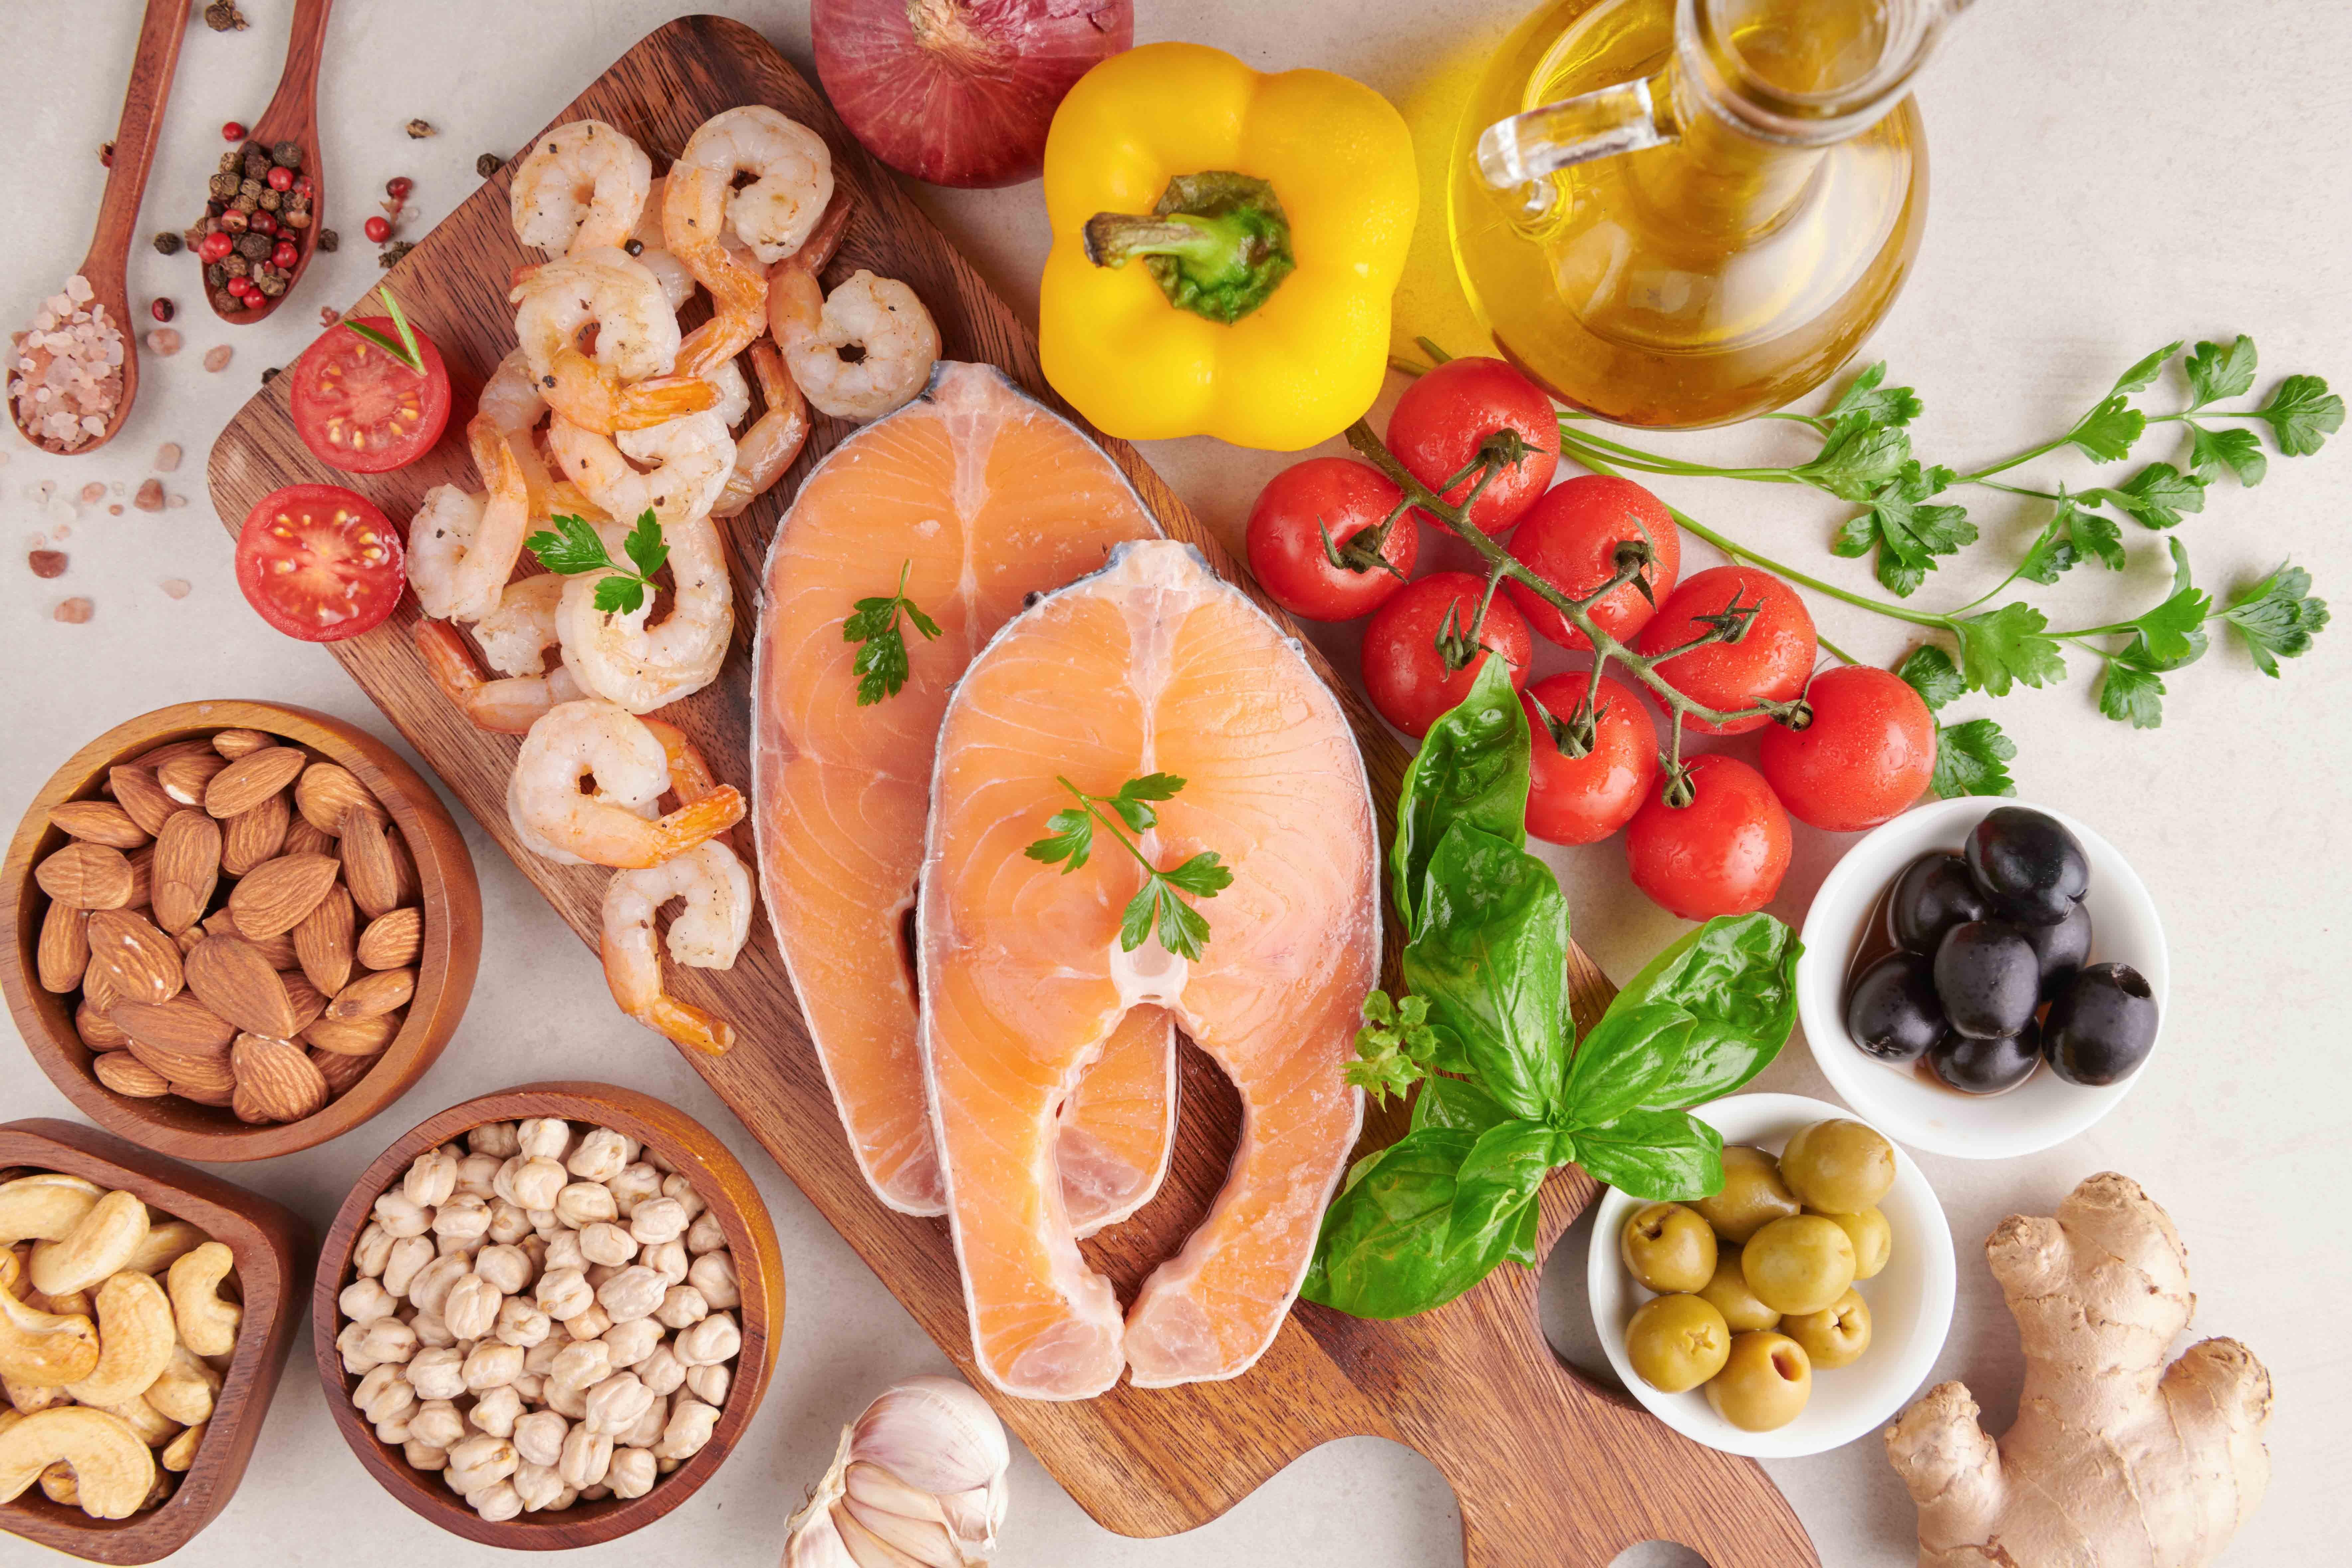 En phase de rémission de la rectocolite hémorragique, l'alimentation doit être équilibrée